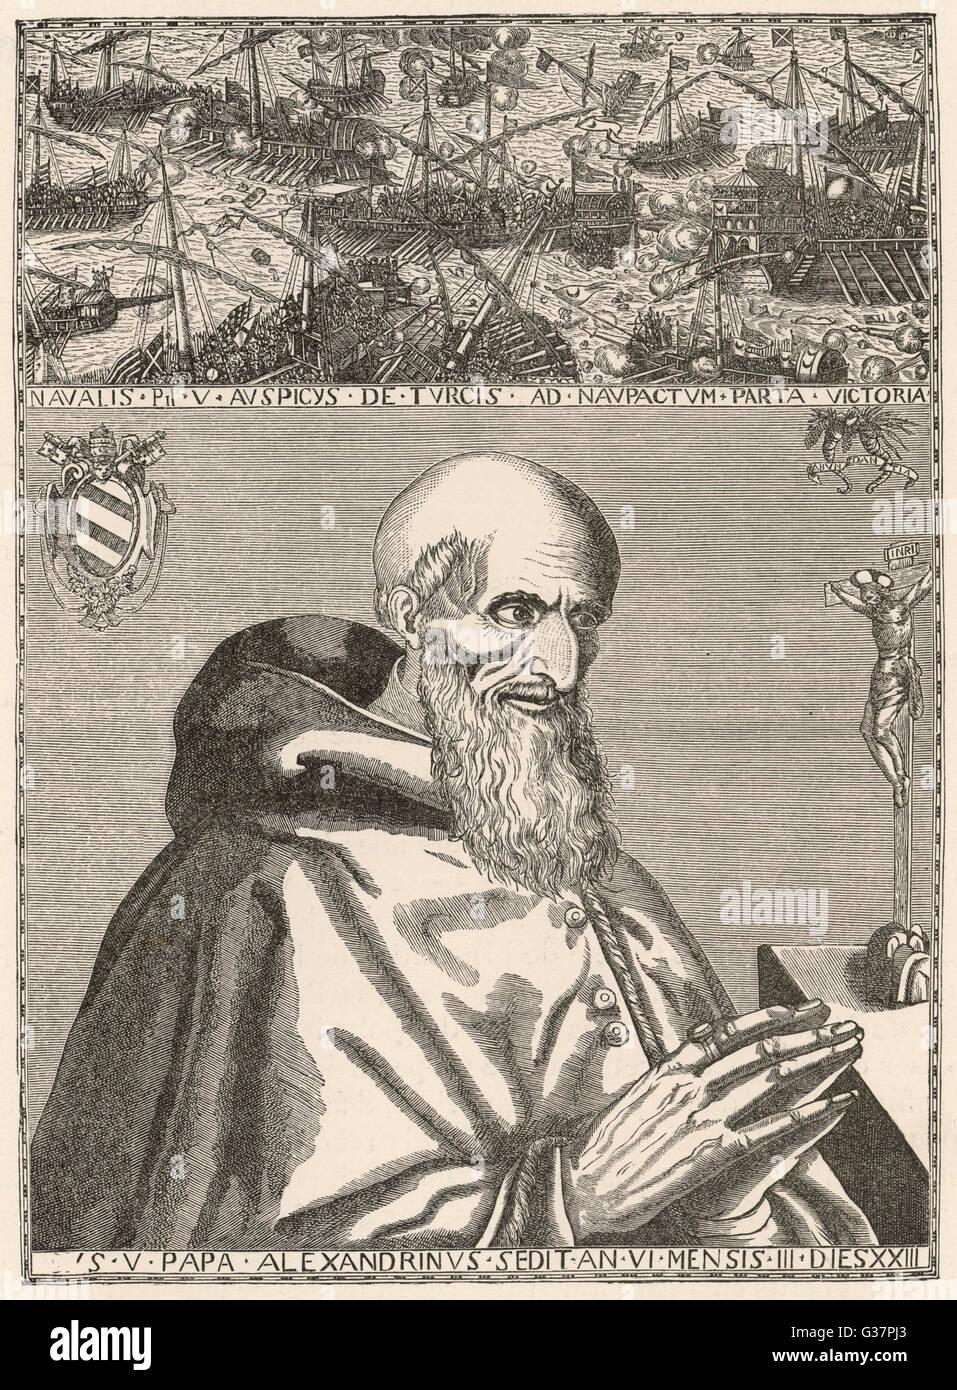 Batalla de Lepanto, el Papa san Pío V ora por la victoria, permitiendo de esta manera que Don Juan de Austria para derrotar a la flota turca Fecha: 7 de octubre de 1571 Foto de stock